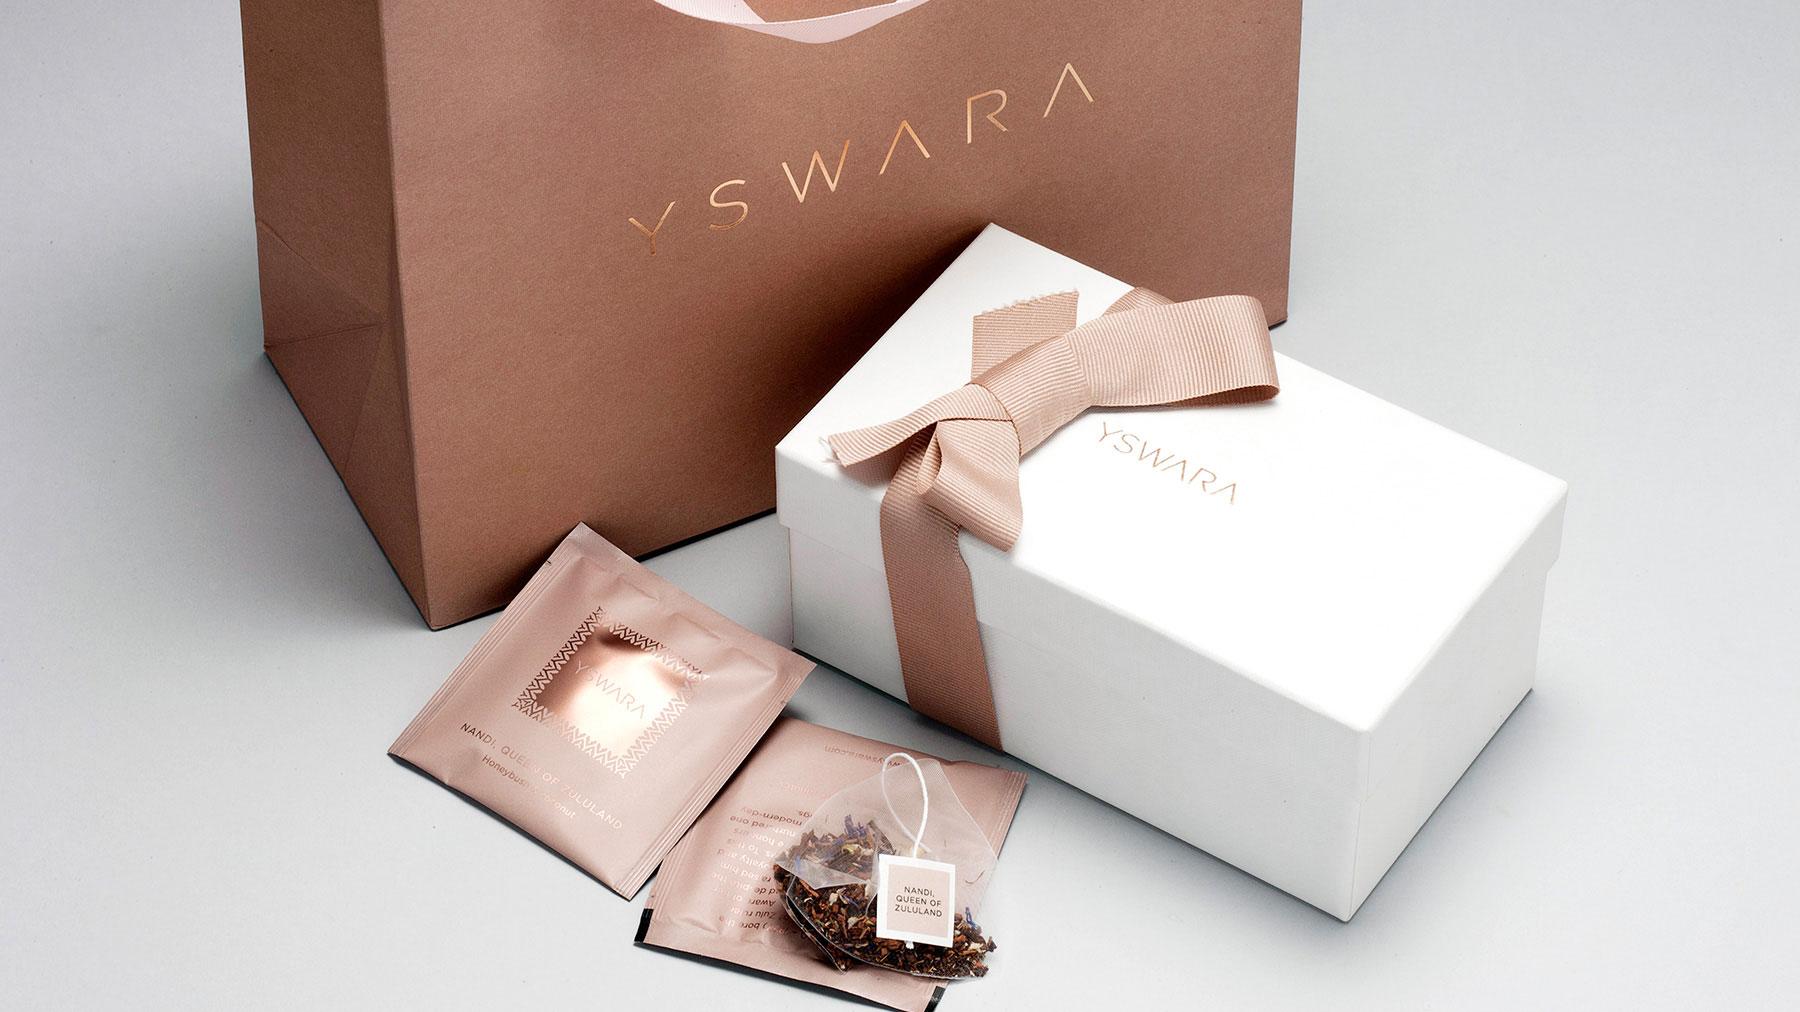 Yswara